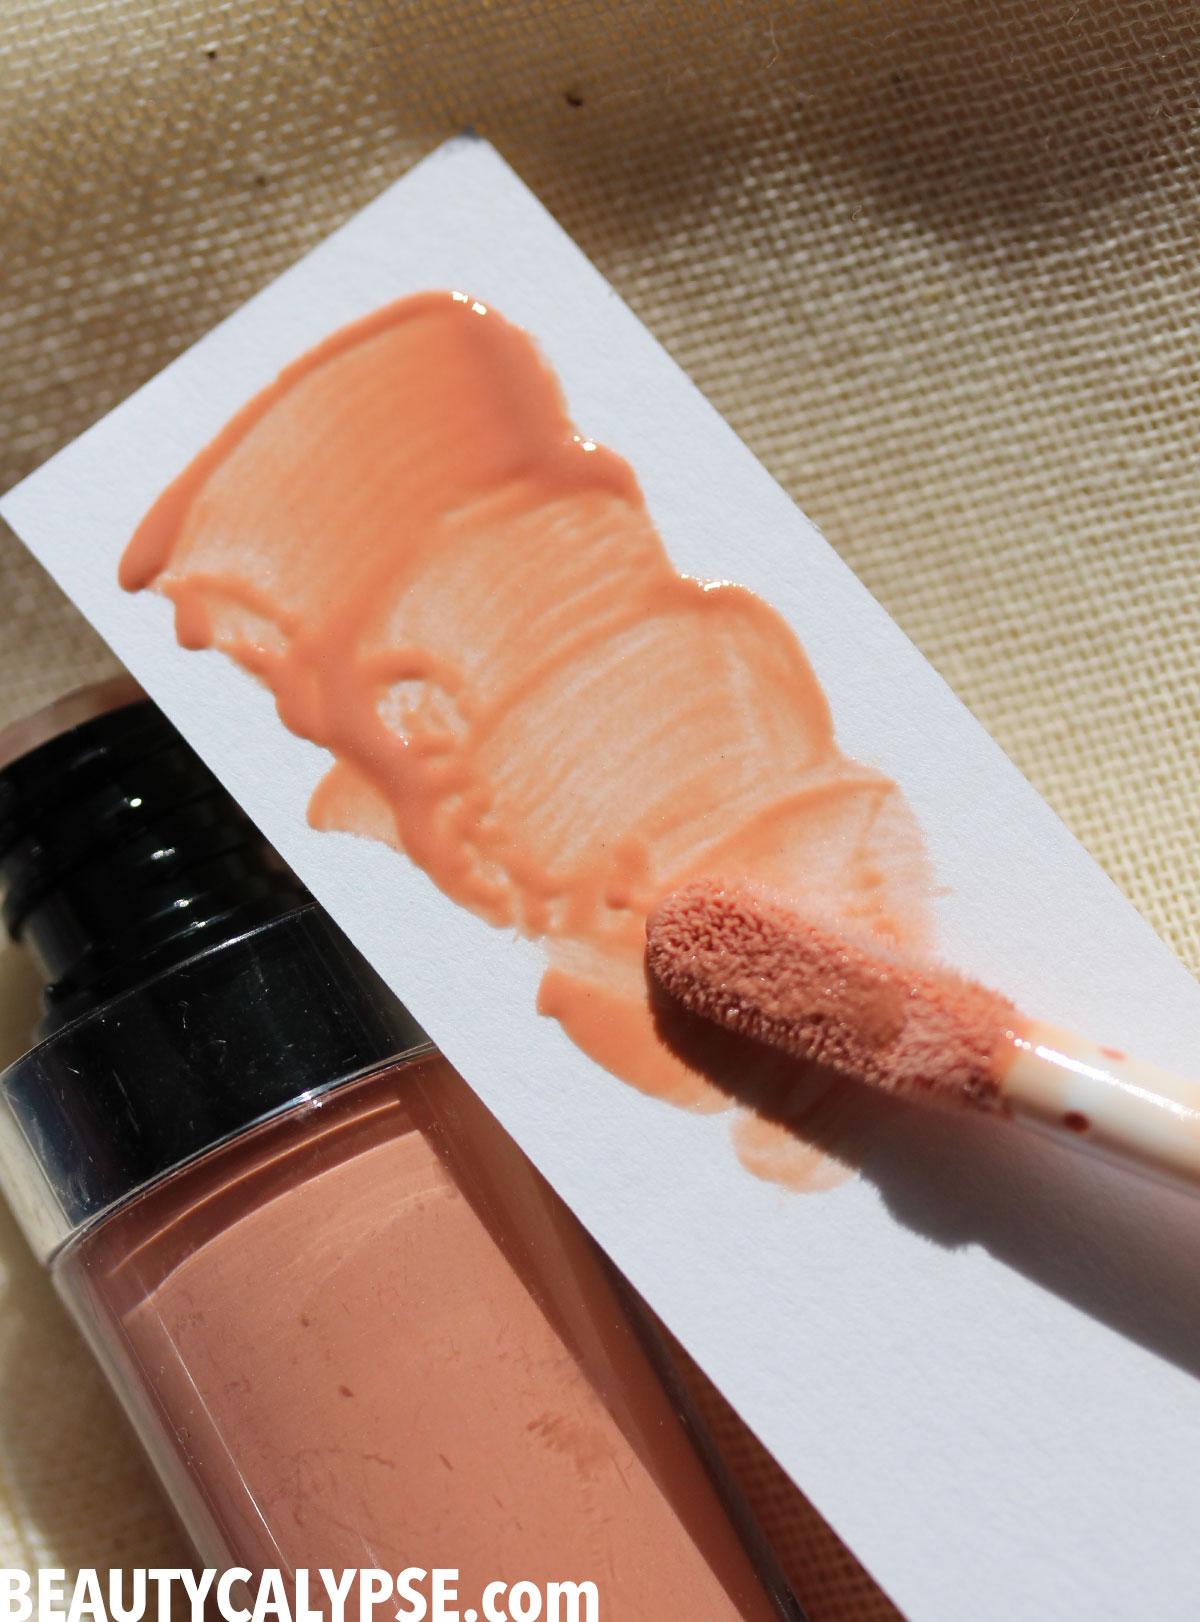 und-gretel-swatch-KNUTZEN-lip-gloss-3-matte-nude